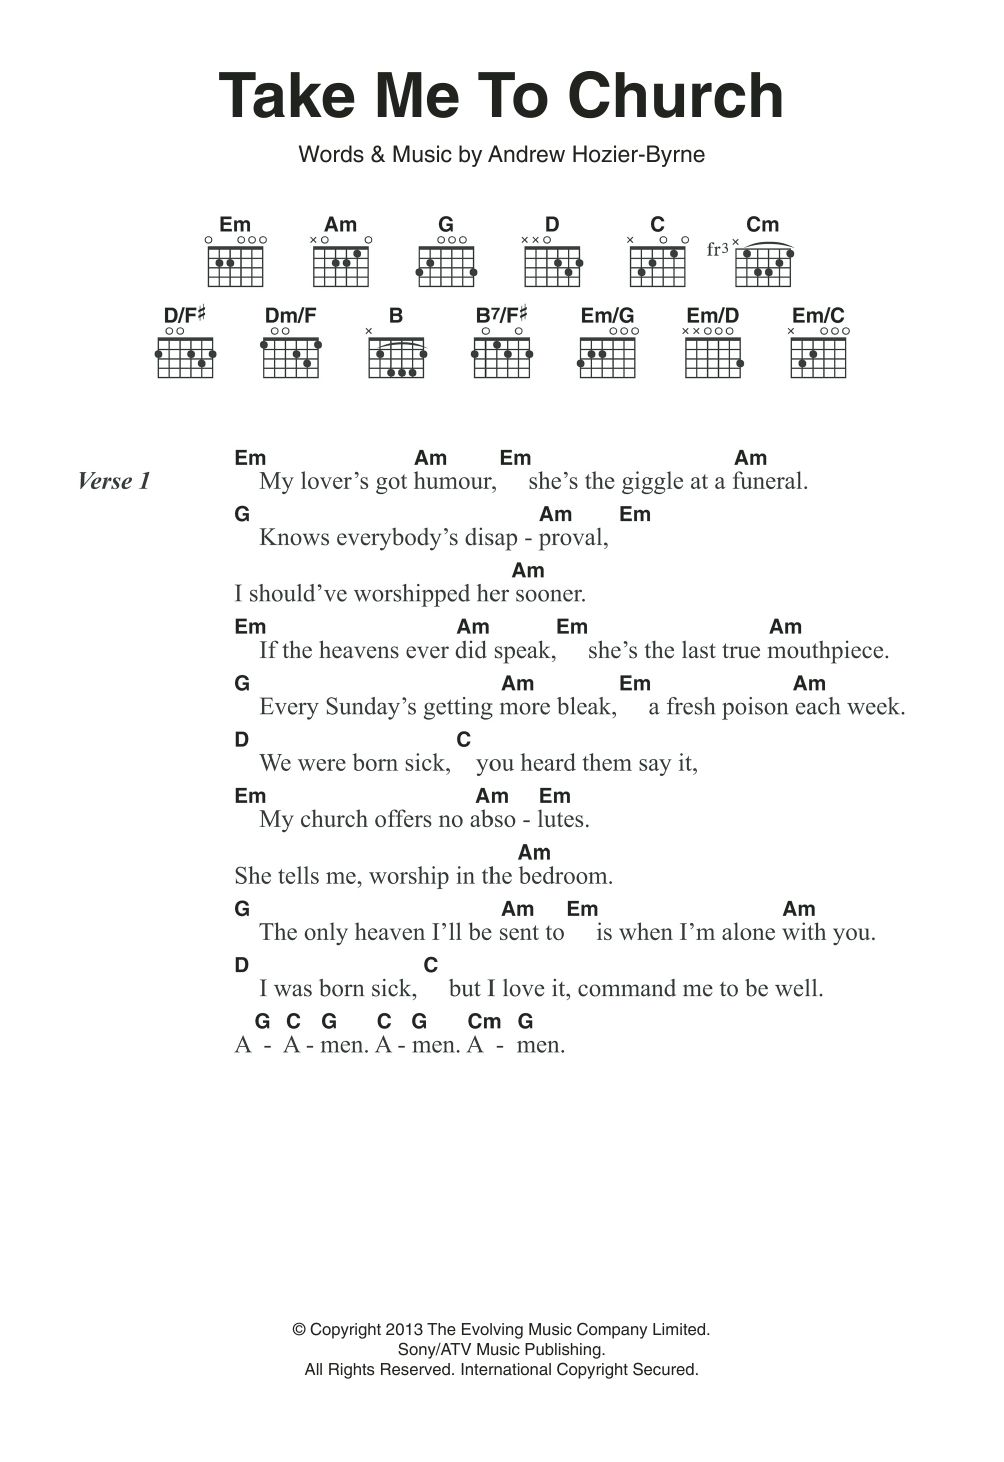 Take Me To Church Chords Ukulele Chords Songs Ukulele Songs Guitar Chords And Lyrics